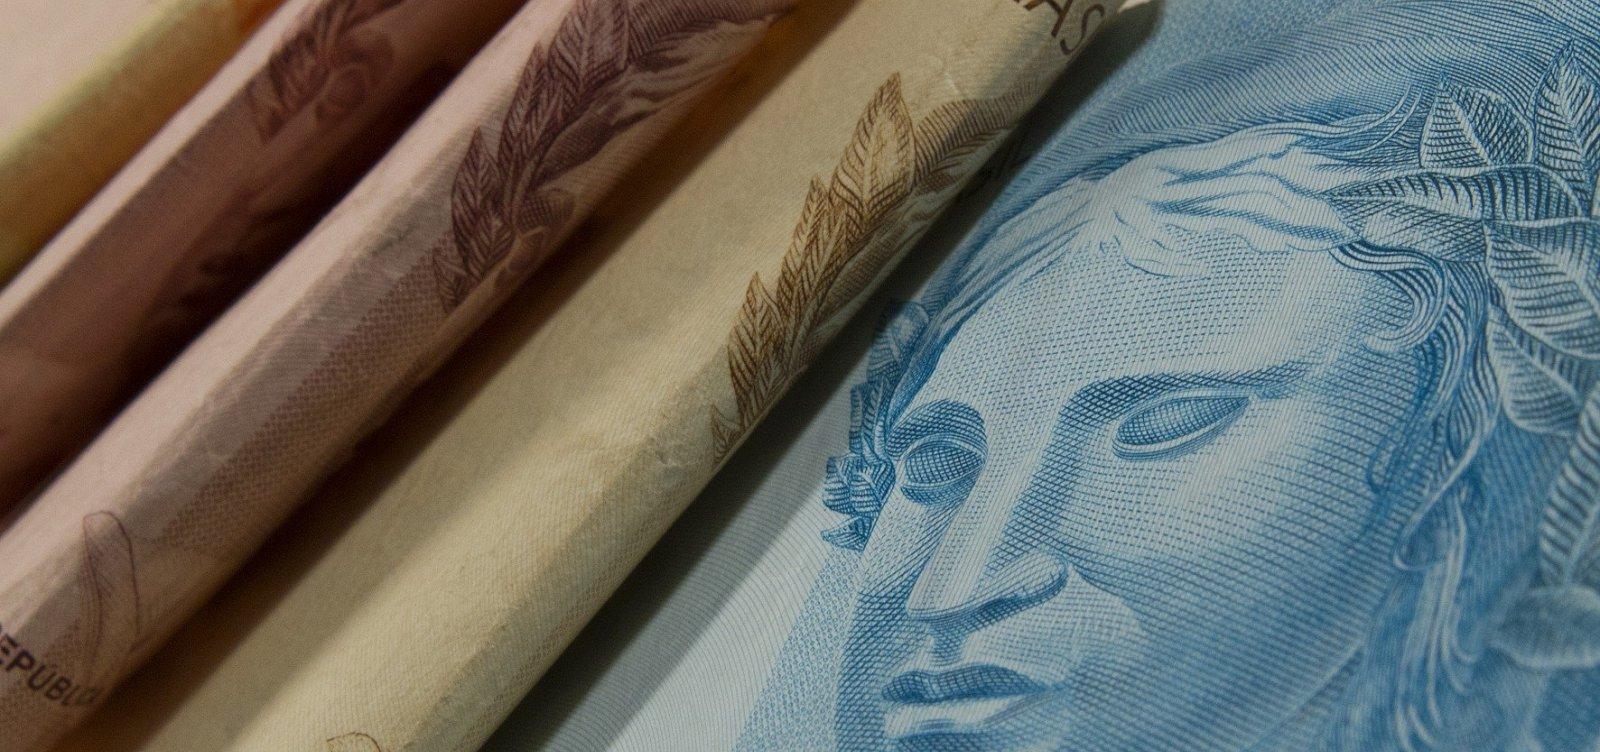 Governo libera mais R$ 4,12 bilhões em gastos no orçamento deste ano